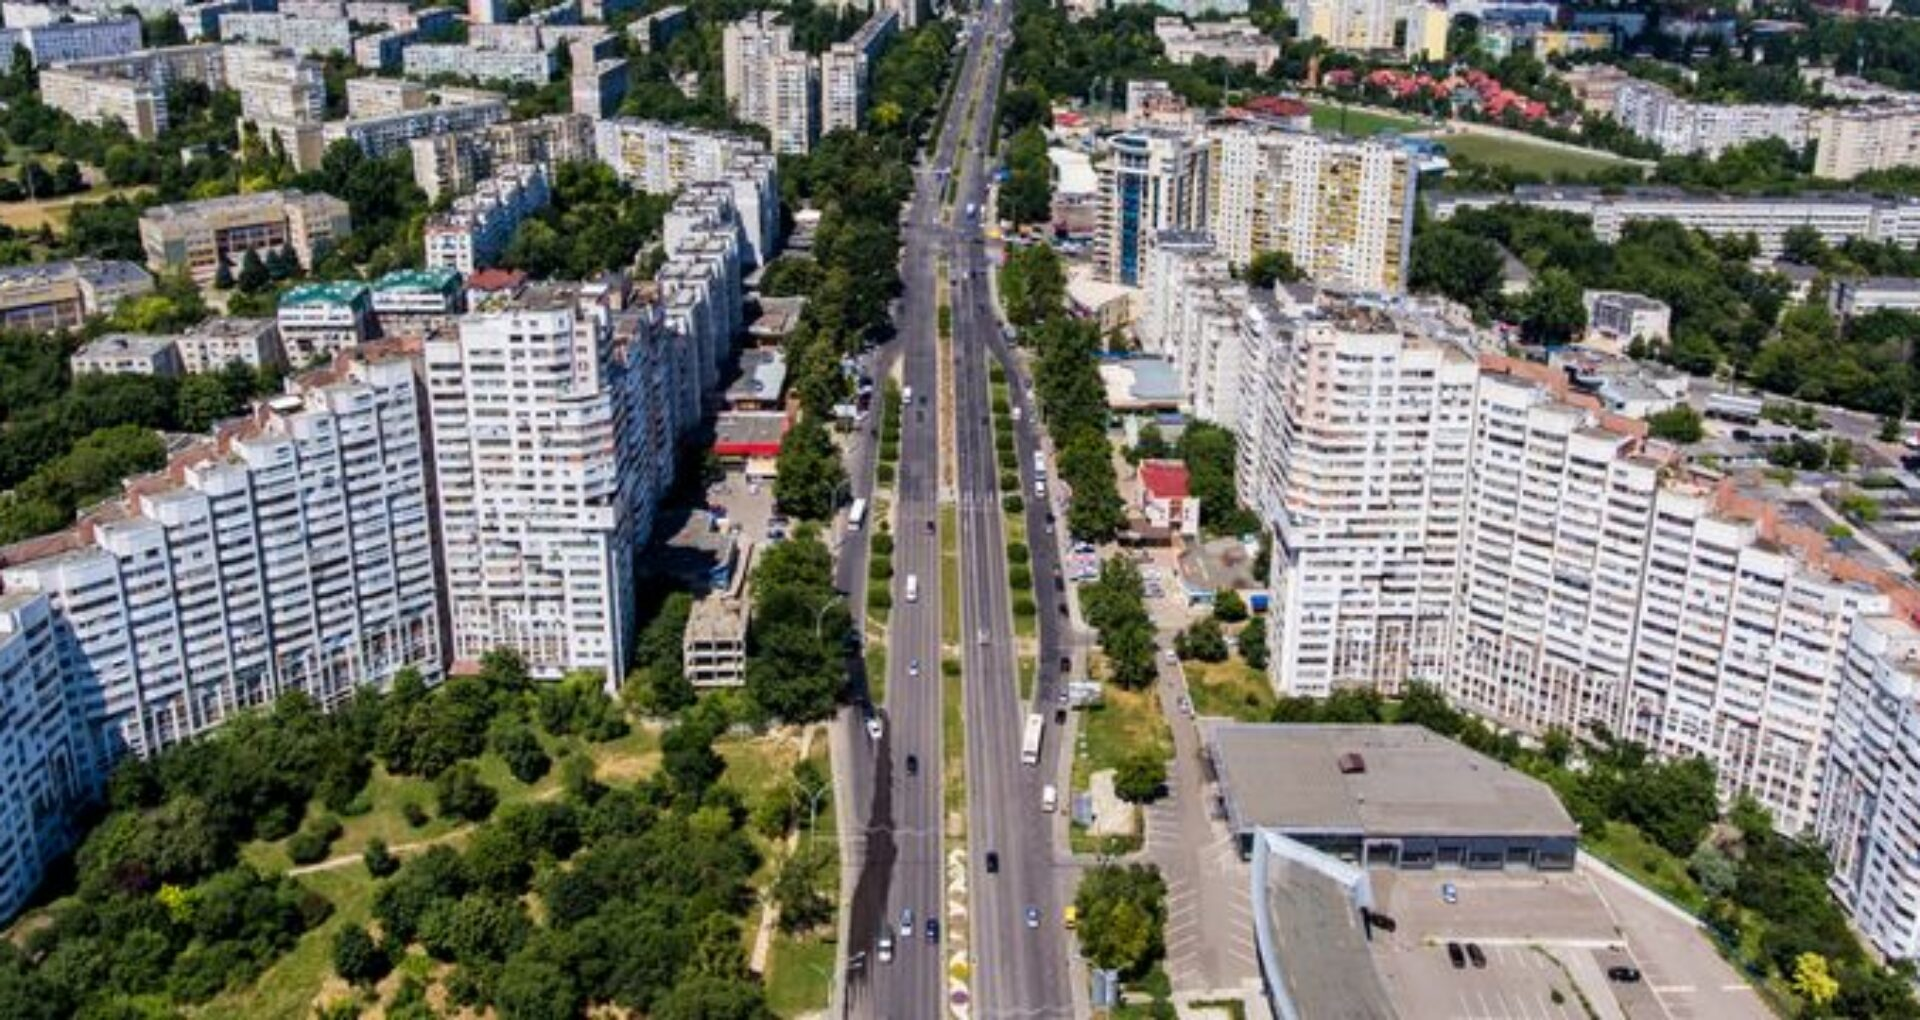 Municipiul Chişinău a fost inclus în rețeaua globală UNESCO a orașelor care învaţă